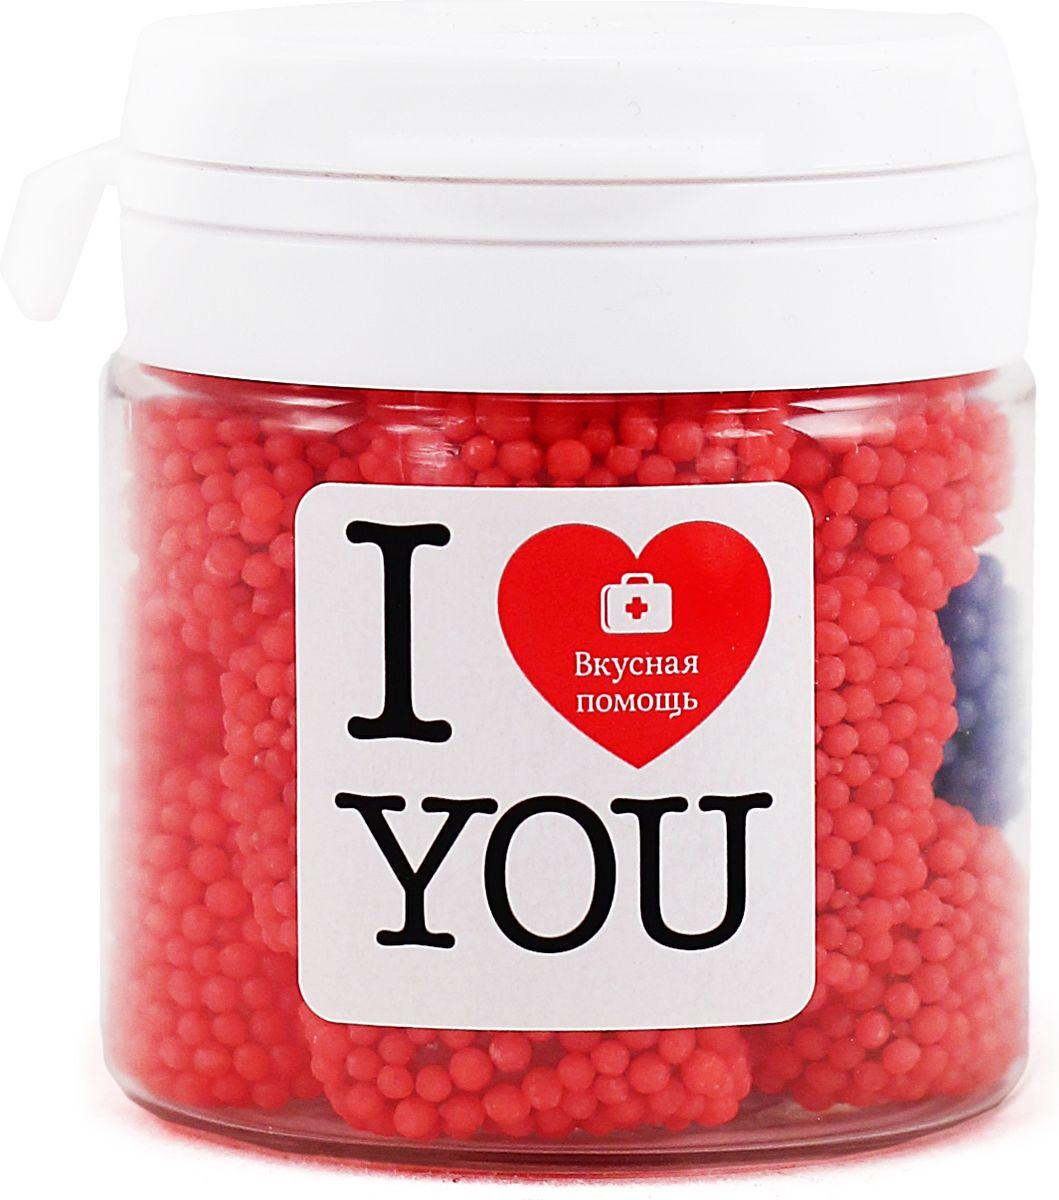 Конфеты Вкусная помощь Я тебя люблю, 50 мл конфеты вкусная помощь я тебя люблю 150 г